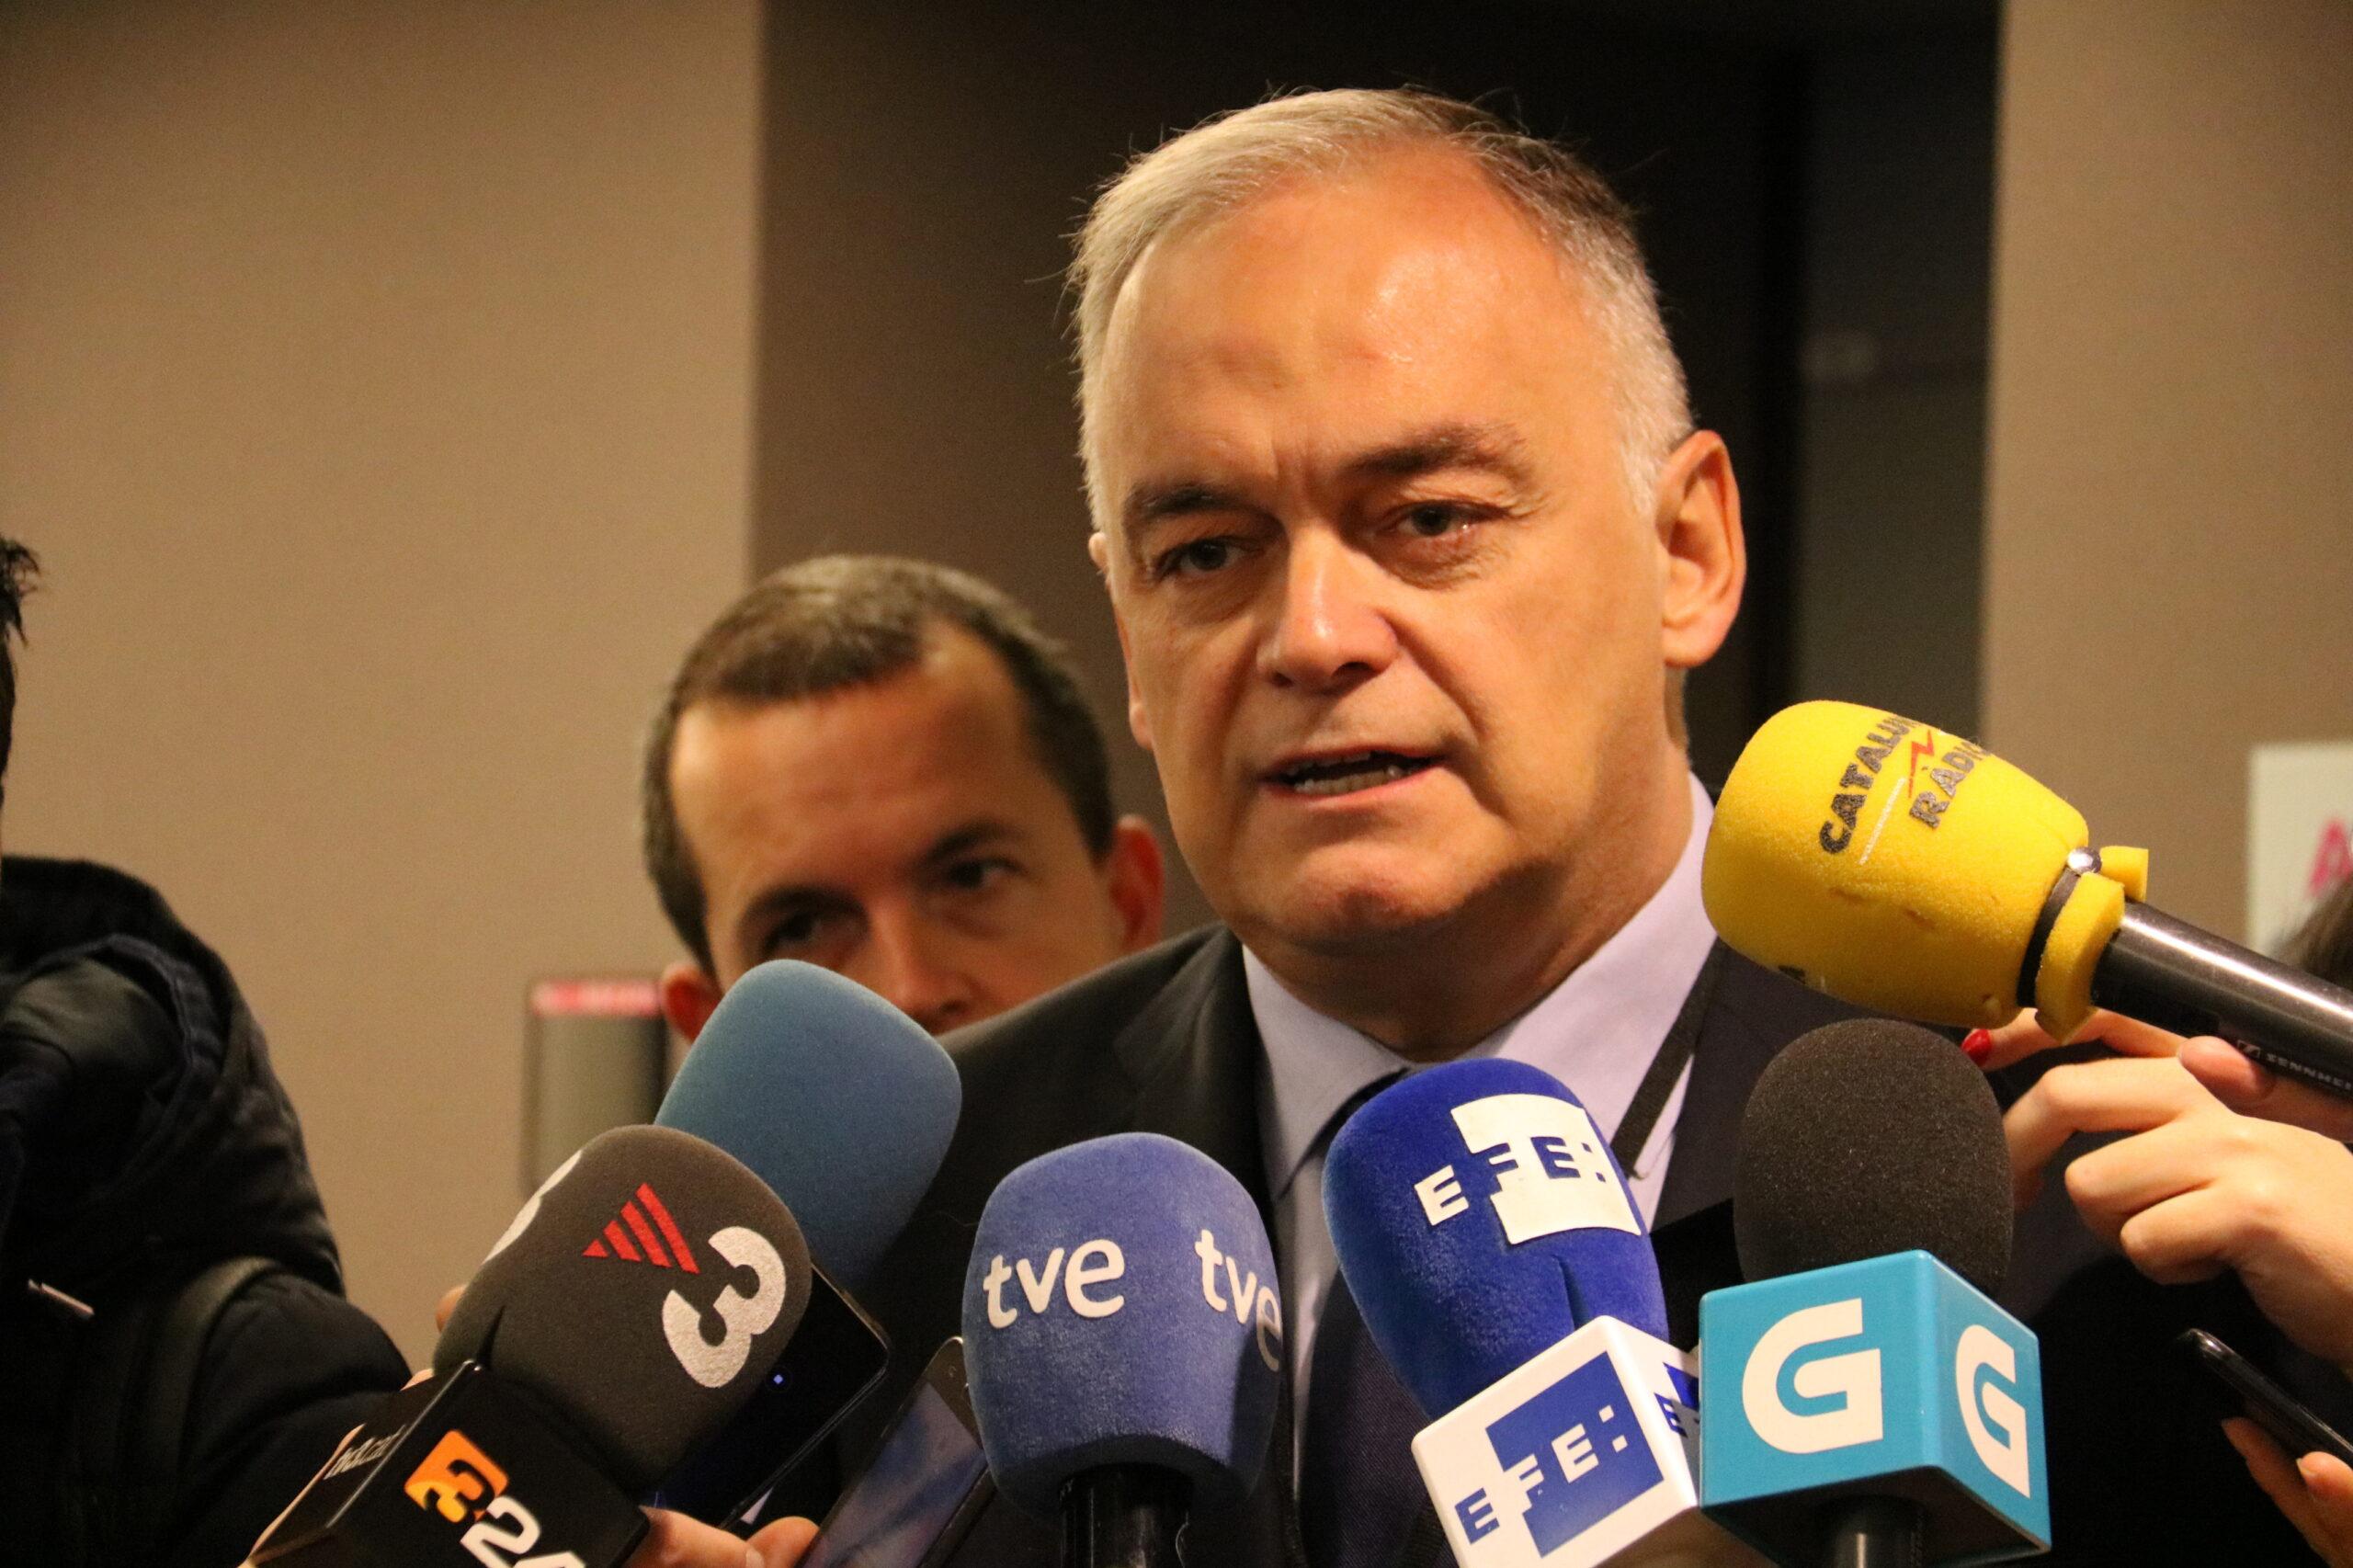 El cap de files del PP a l'Eurocambra, Esteban González Pons, en una imatge d'arxiu / ACN